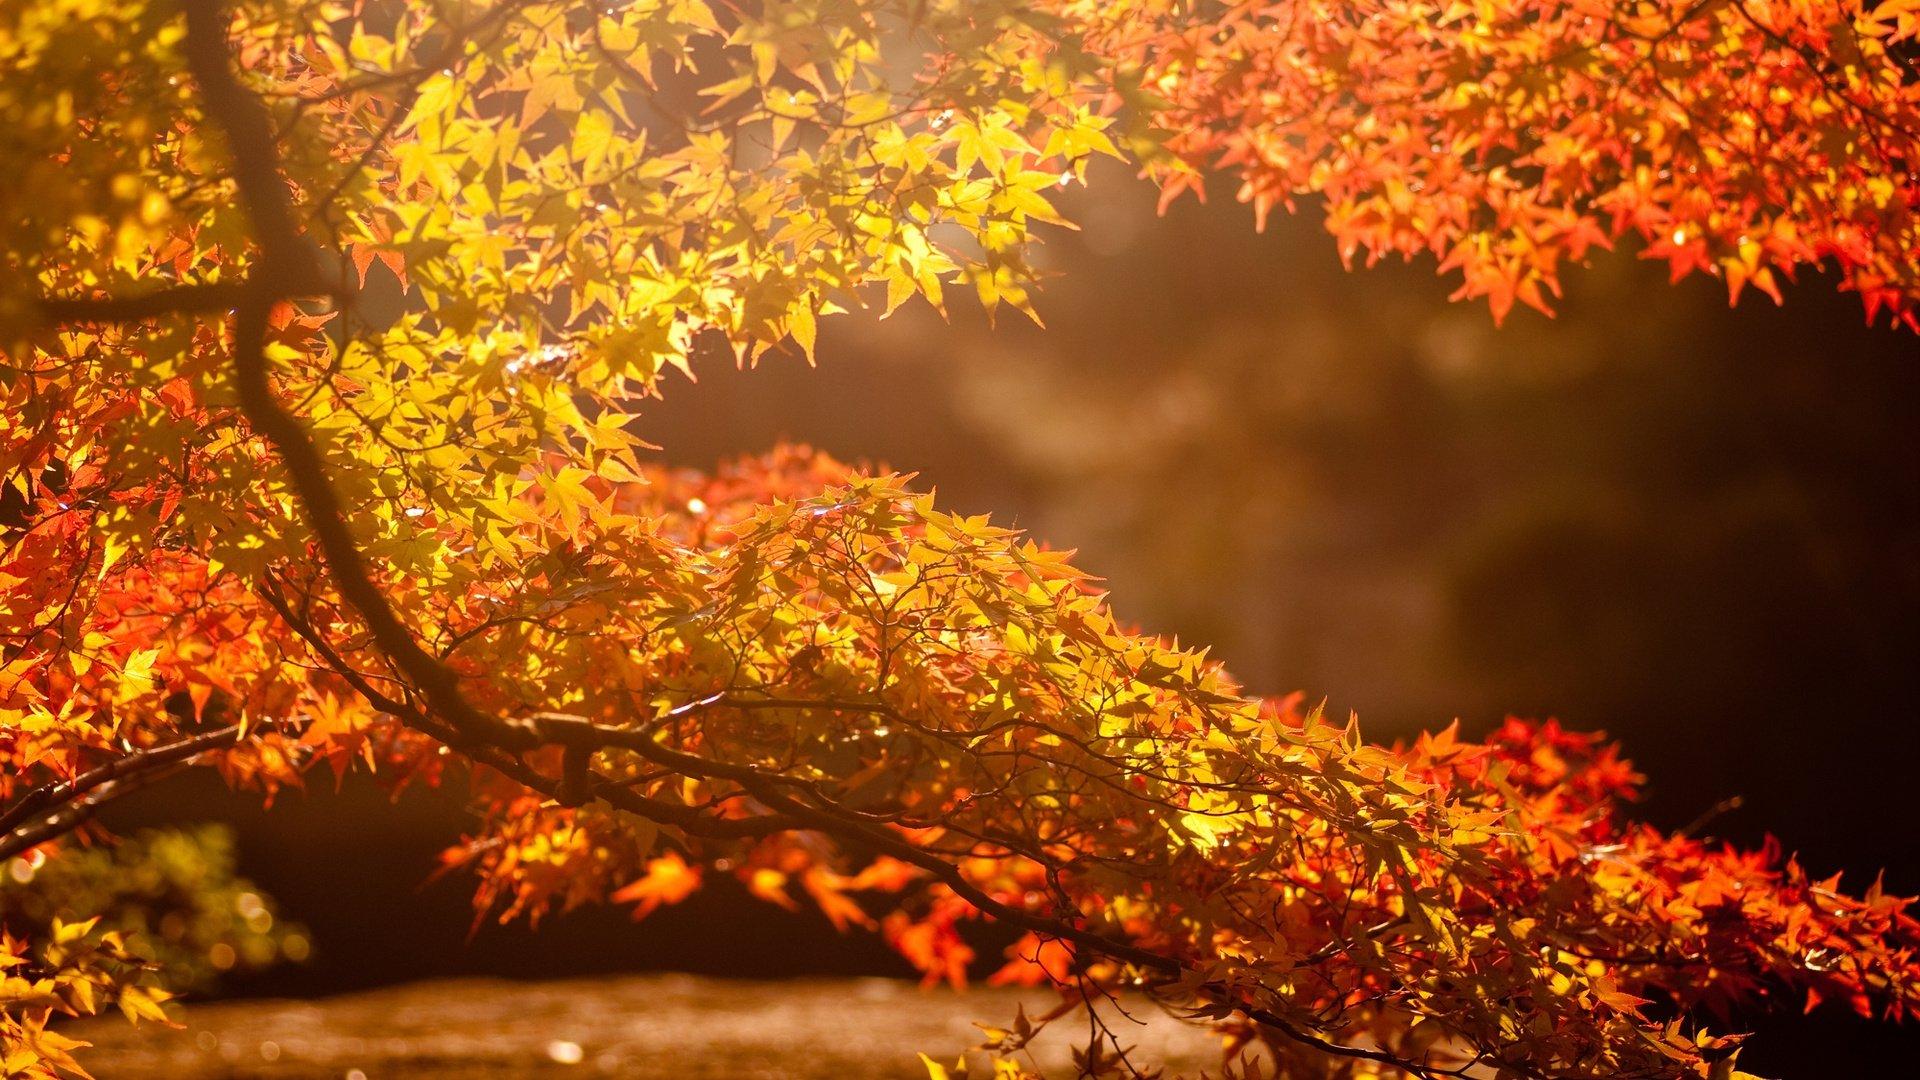 Cute Fall Wallpaper Pic